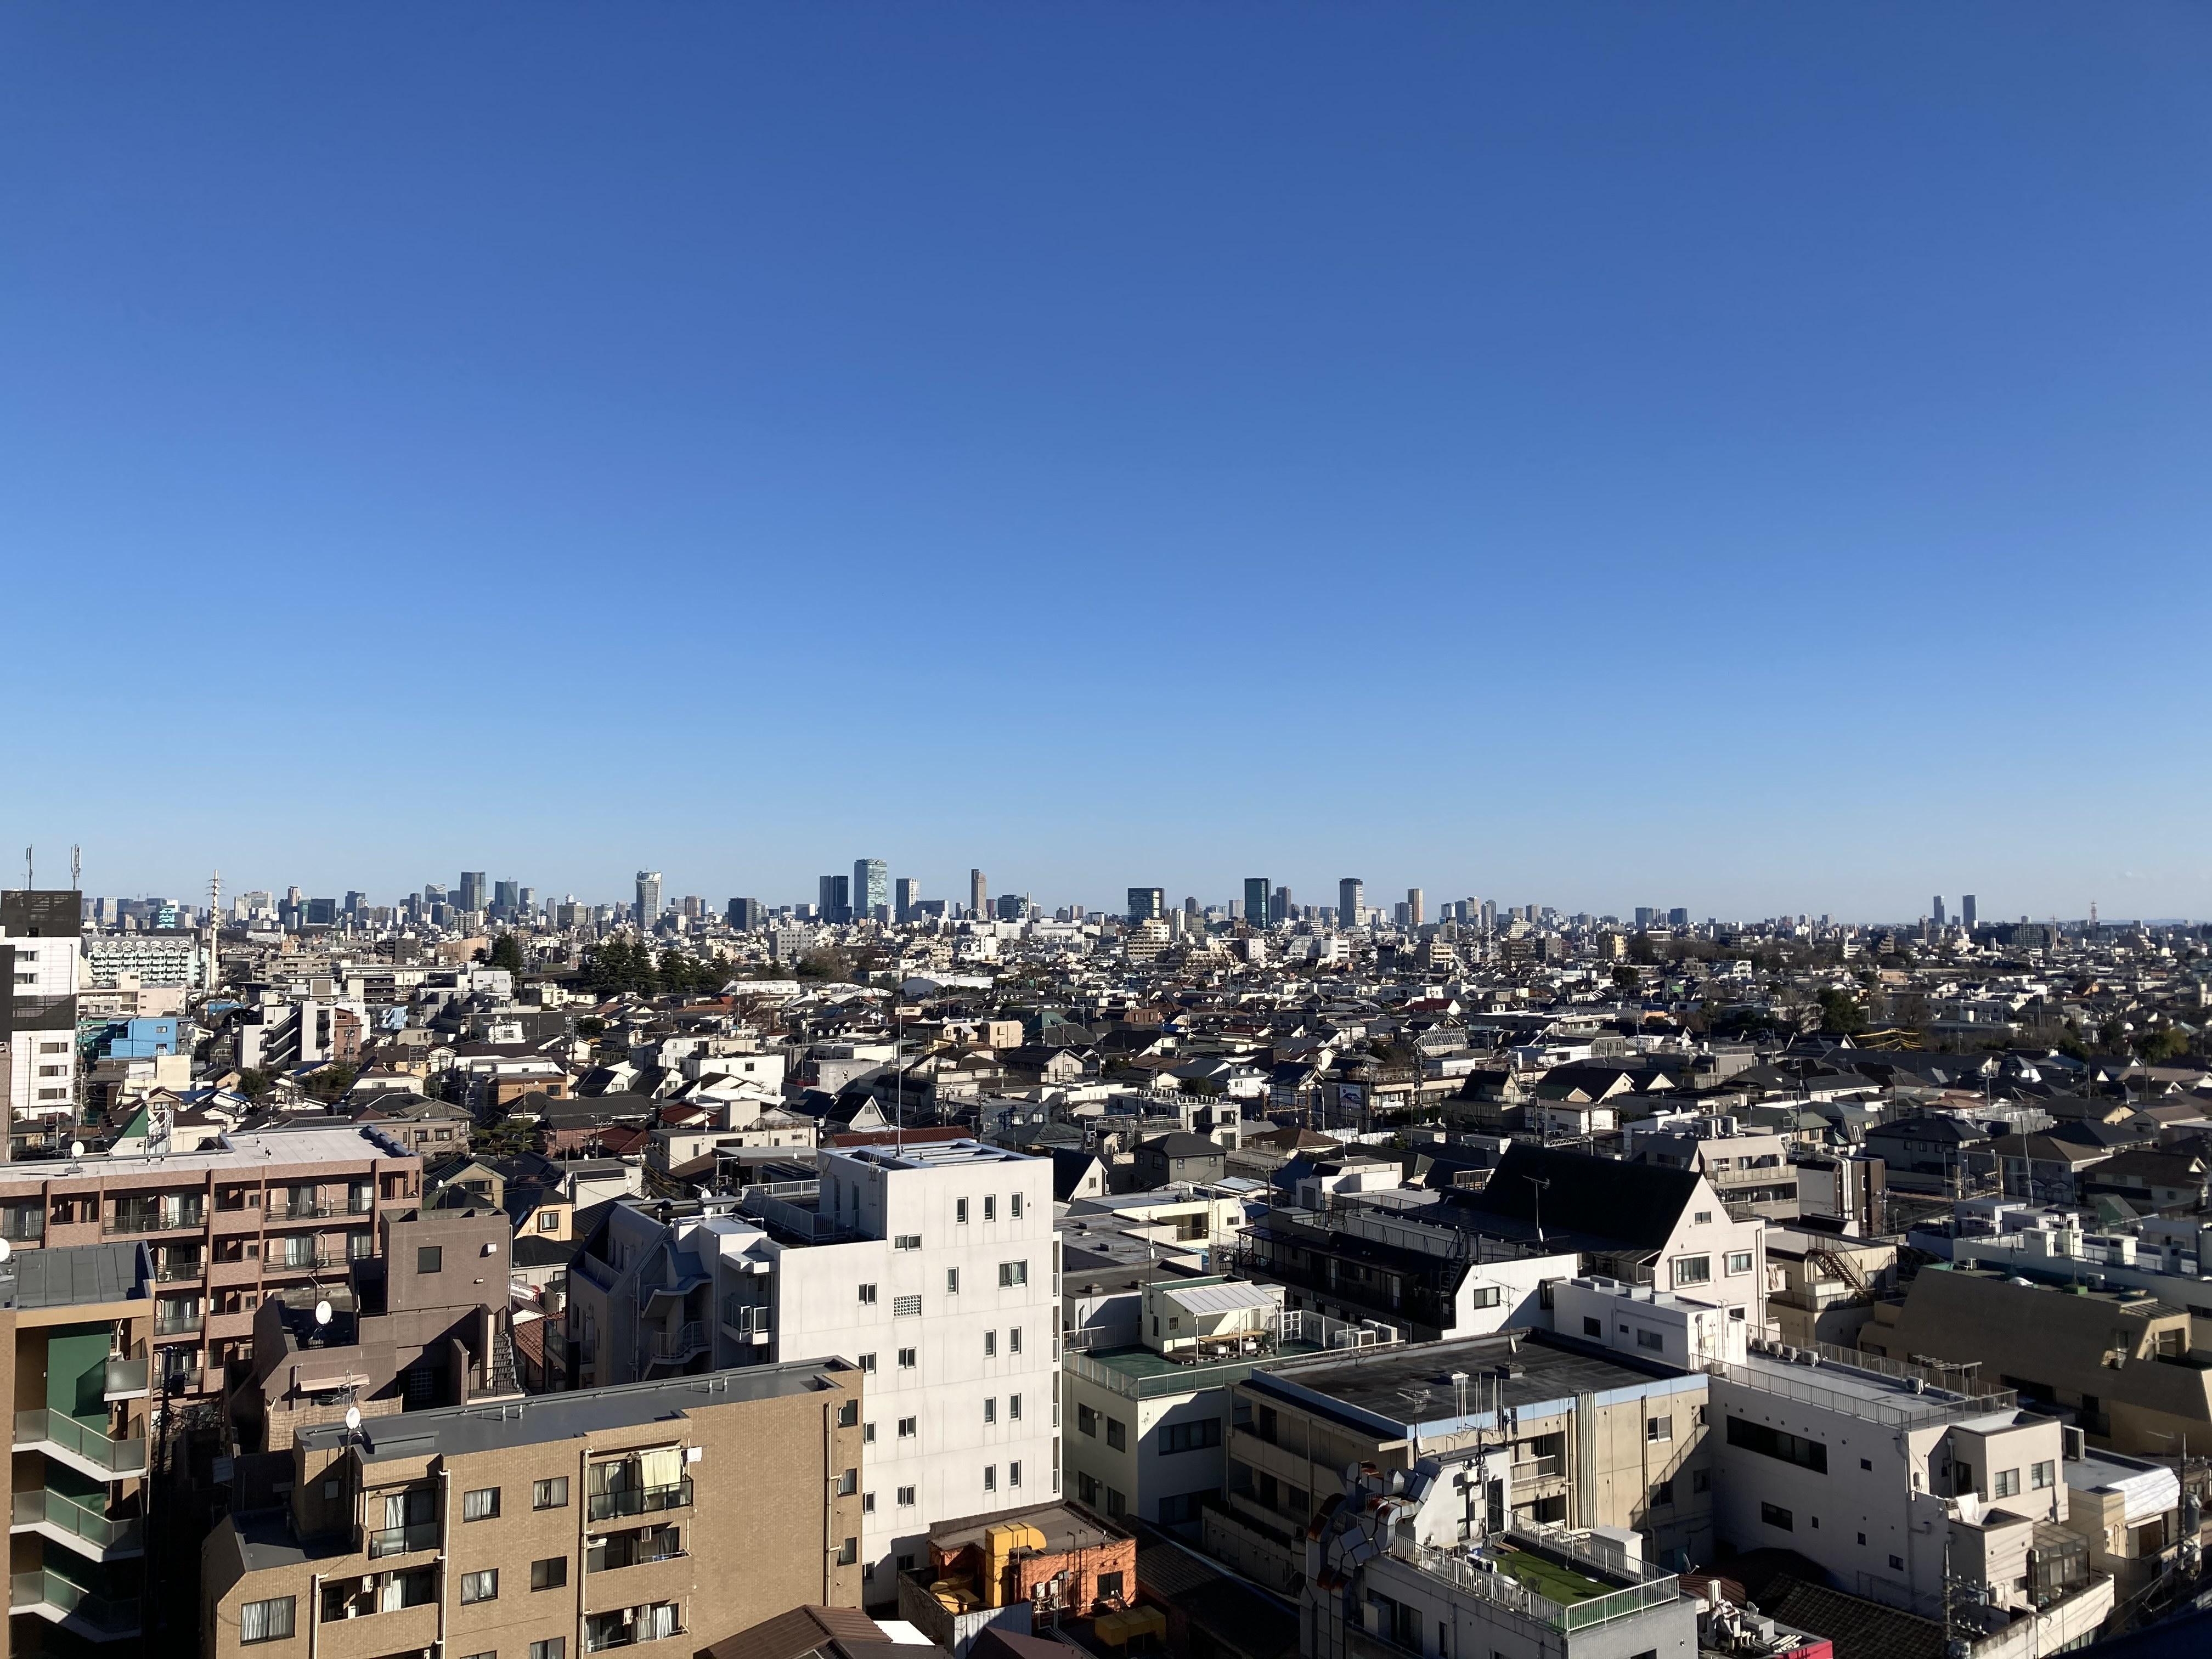 抜け感抜群! 都会の町を一望できます。 六本木方面 - 都内 マンション屋上 世田谷区 マンション屋上スペースの室内の写真